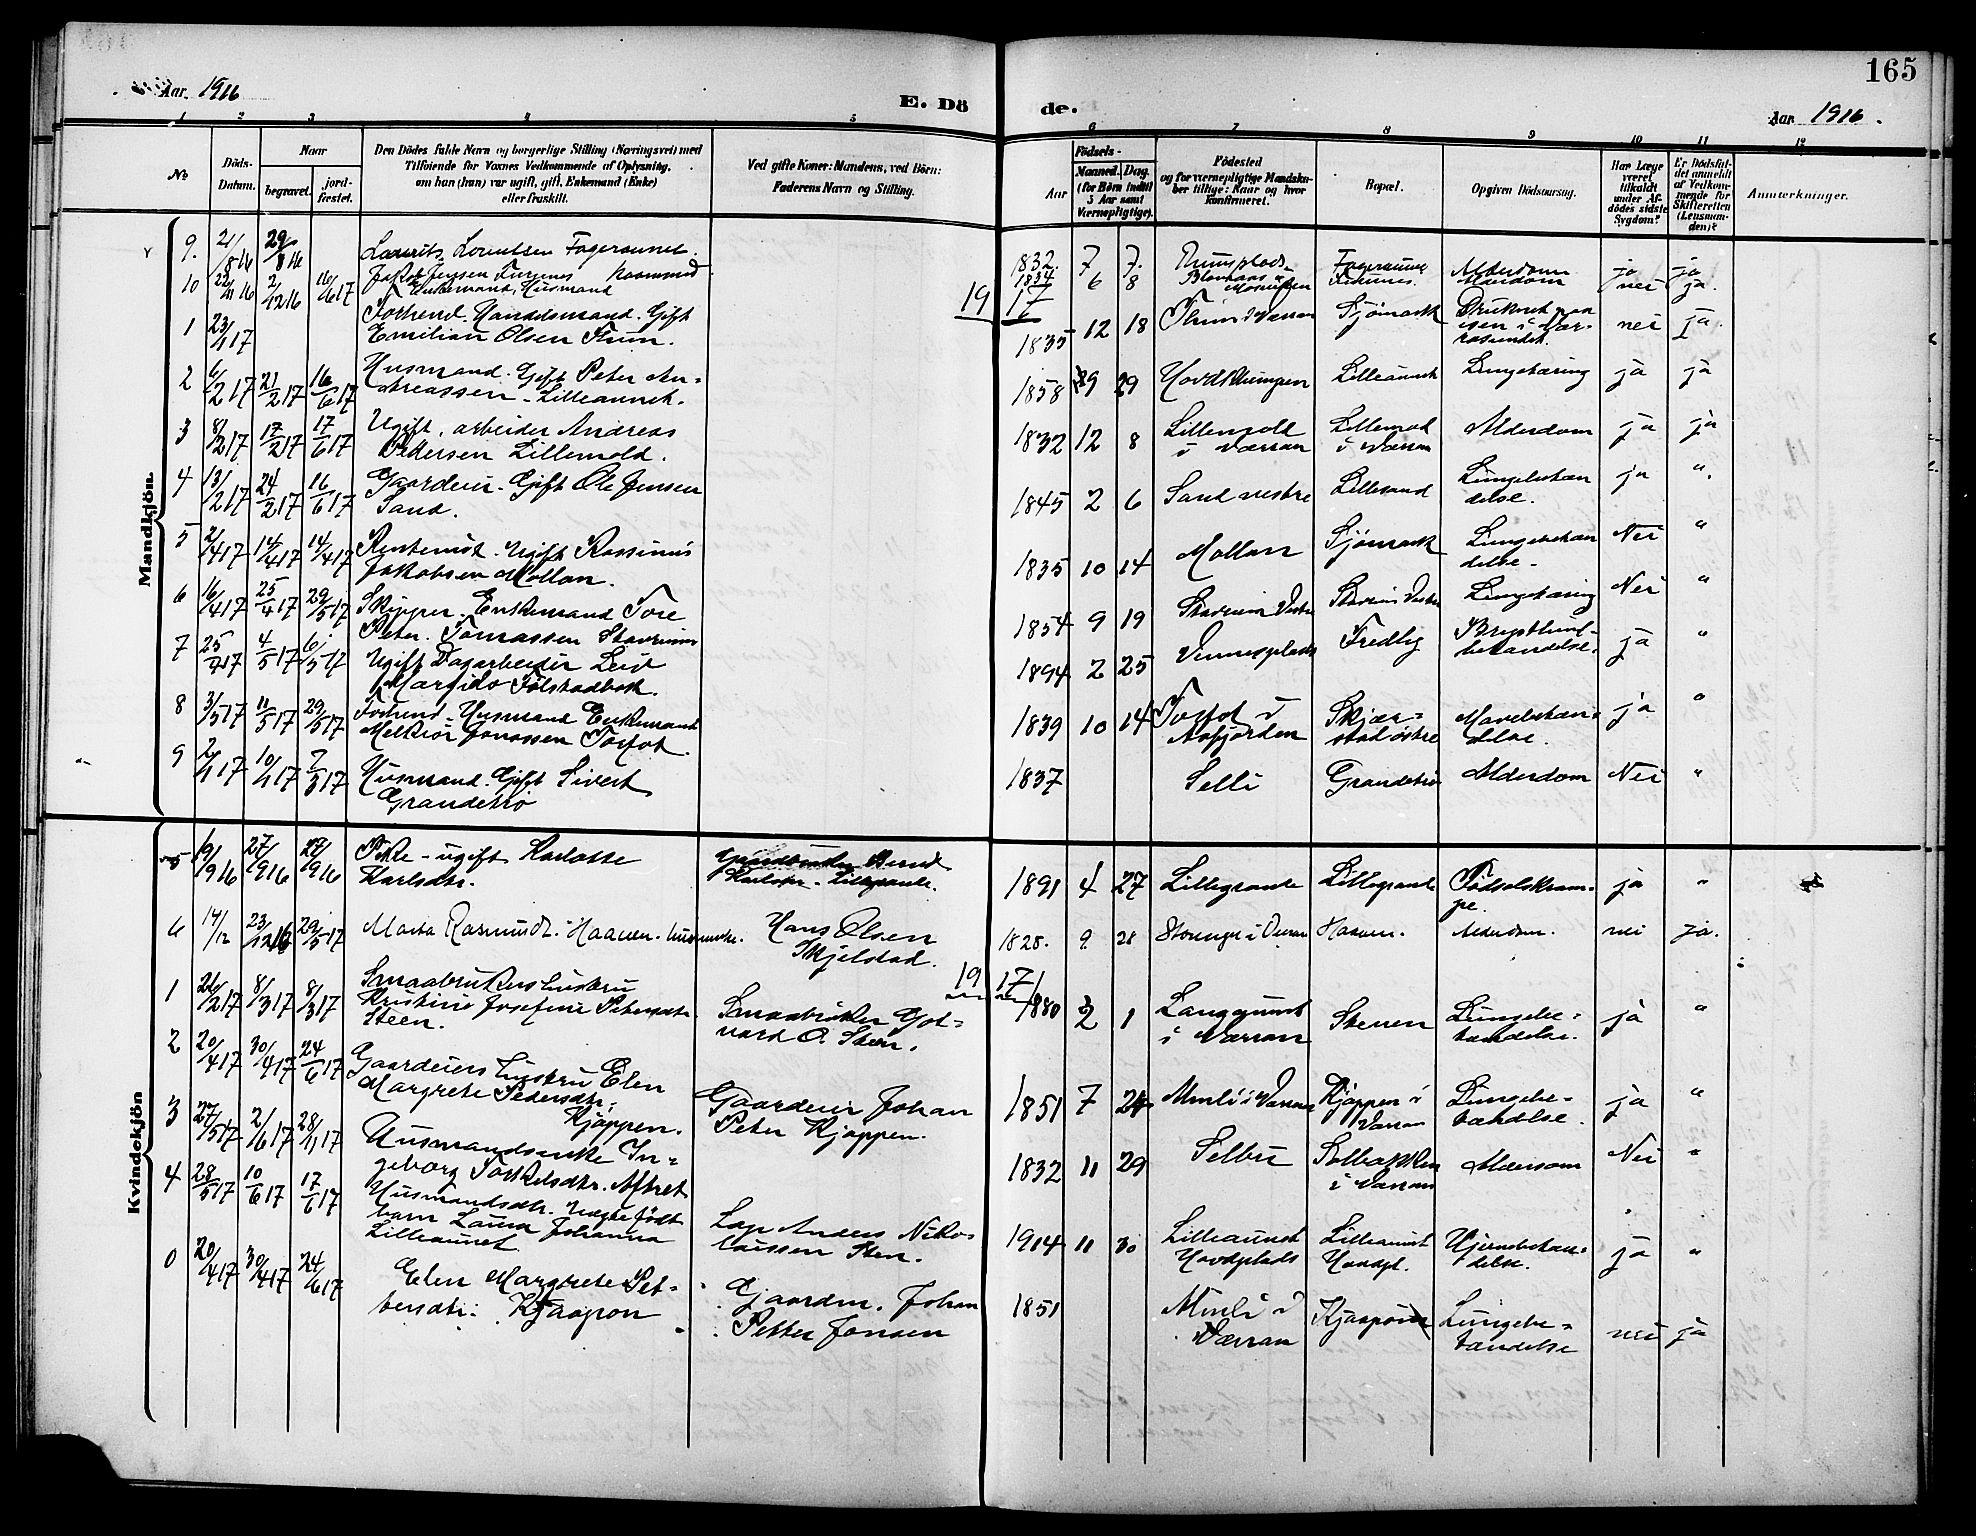 SAT, Ministerialprotokoller, klokkerbøker og fødselsregistre - Nord-Trøndelag, 744/L0424: Klokkerbok nr. 744C03, 1906-1923, s. 165